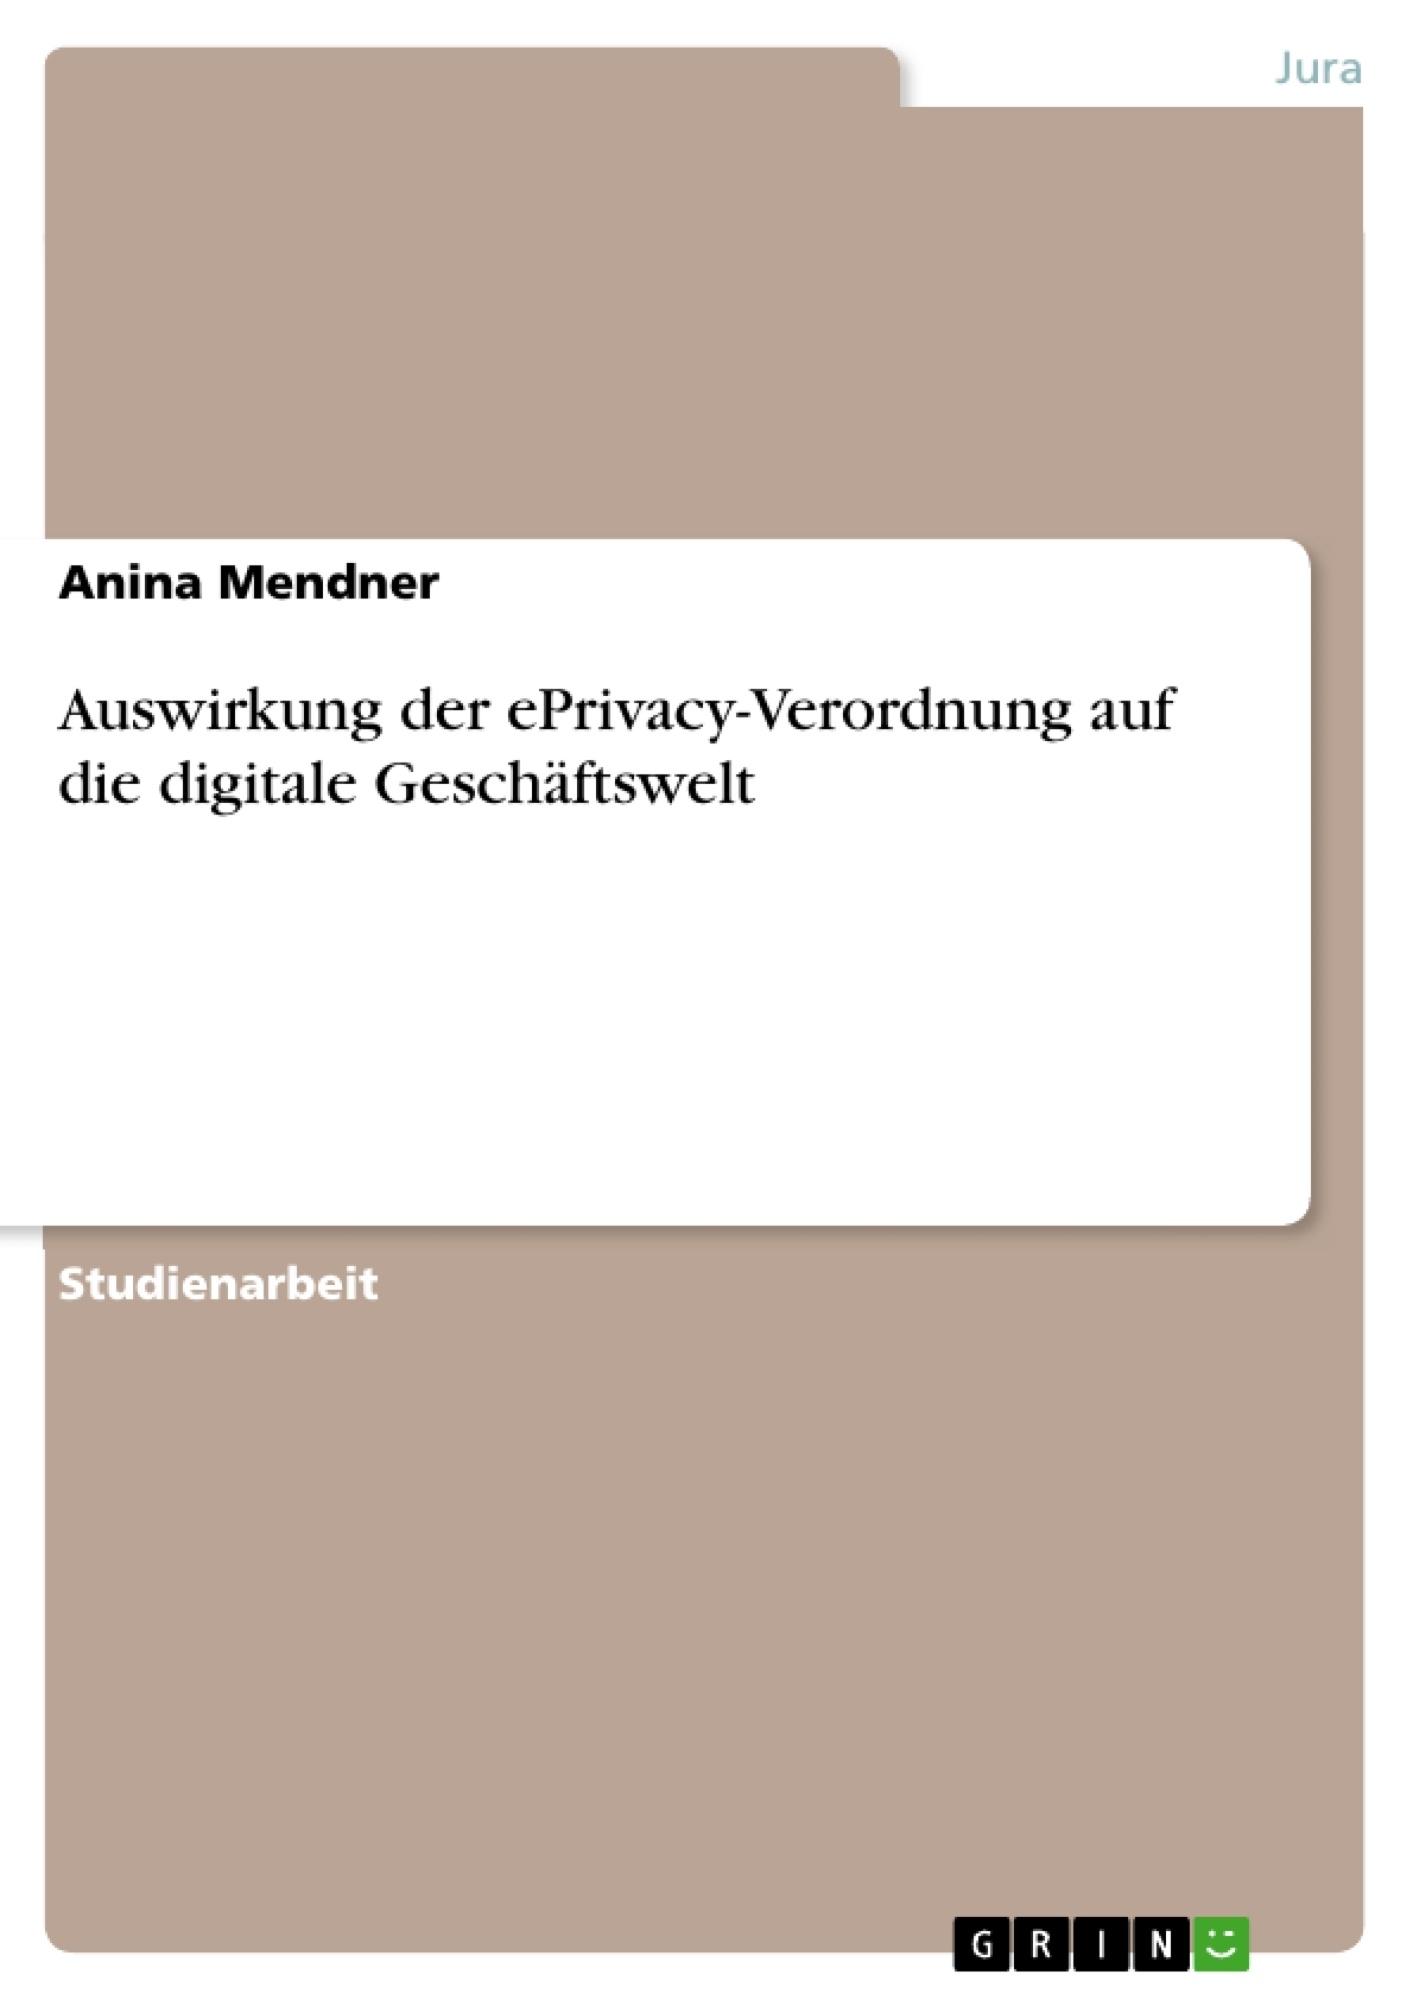 Titel: Auswirkung der ePrivacy-Verordnung auf die digitale Geschäftswelt